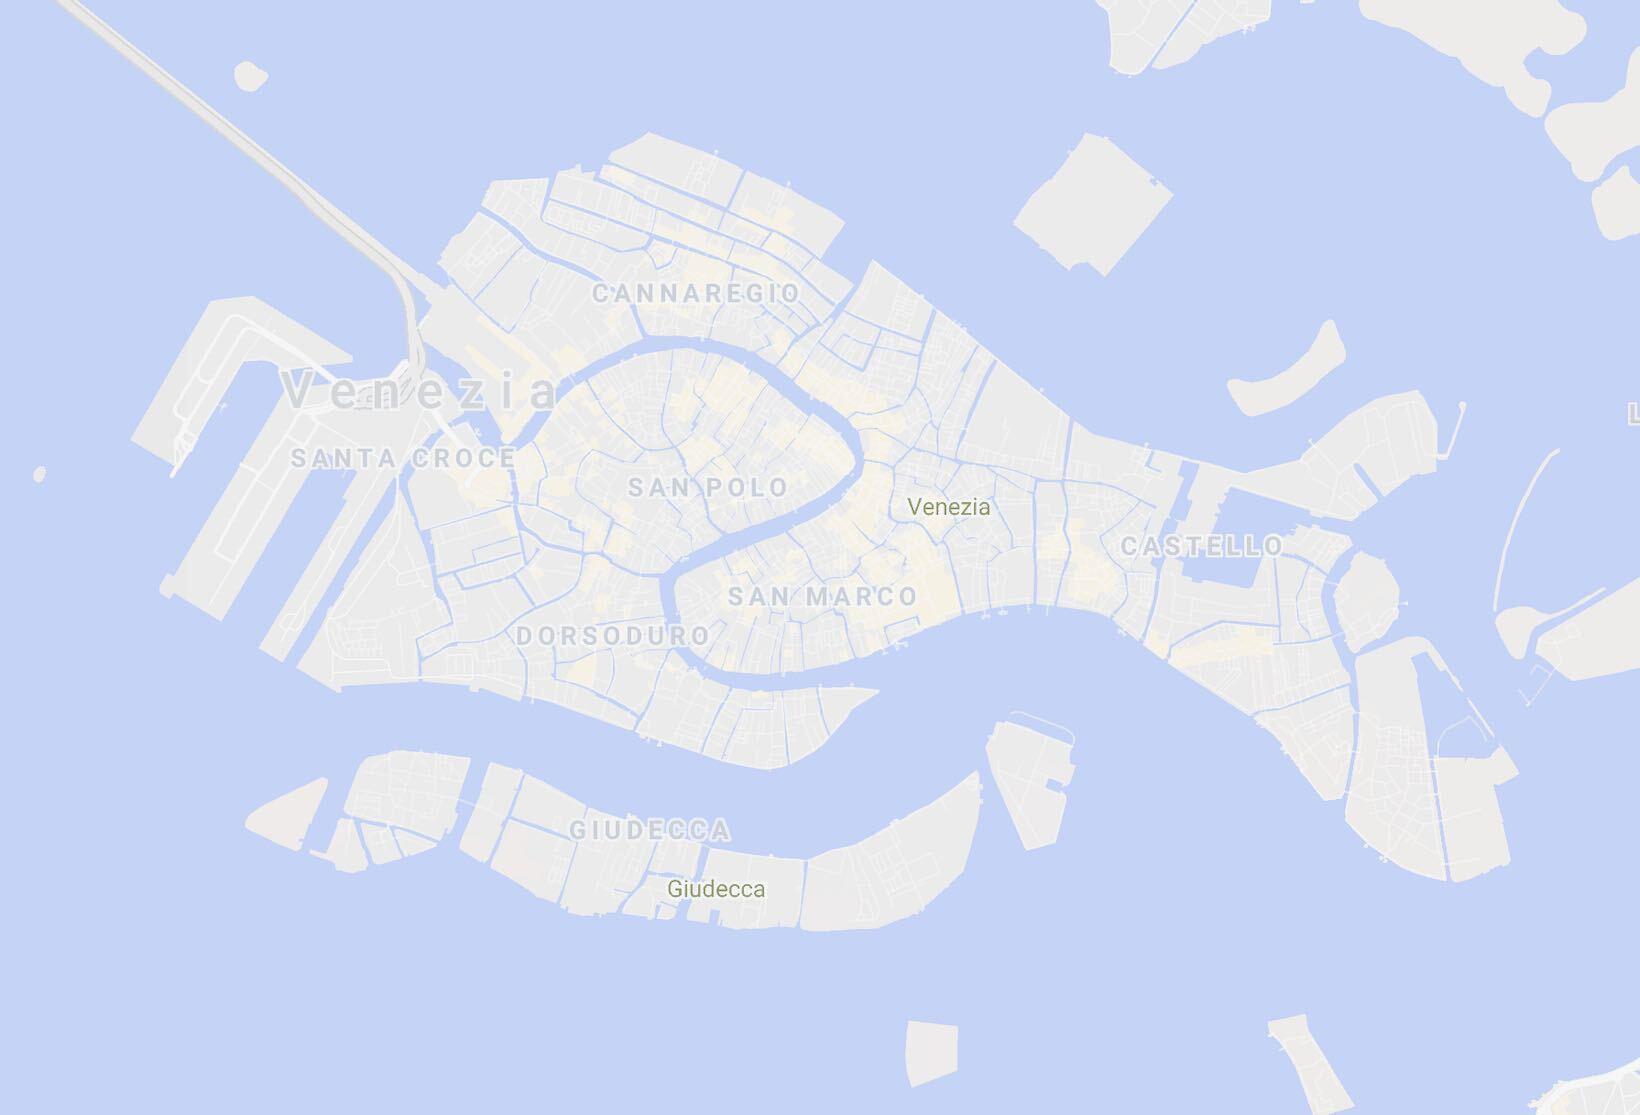 mapa veneza bairros